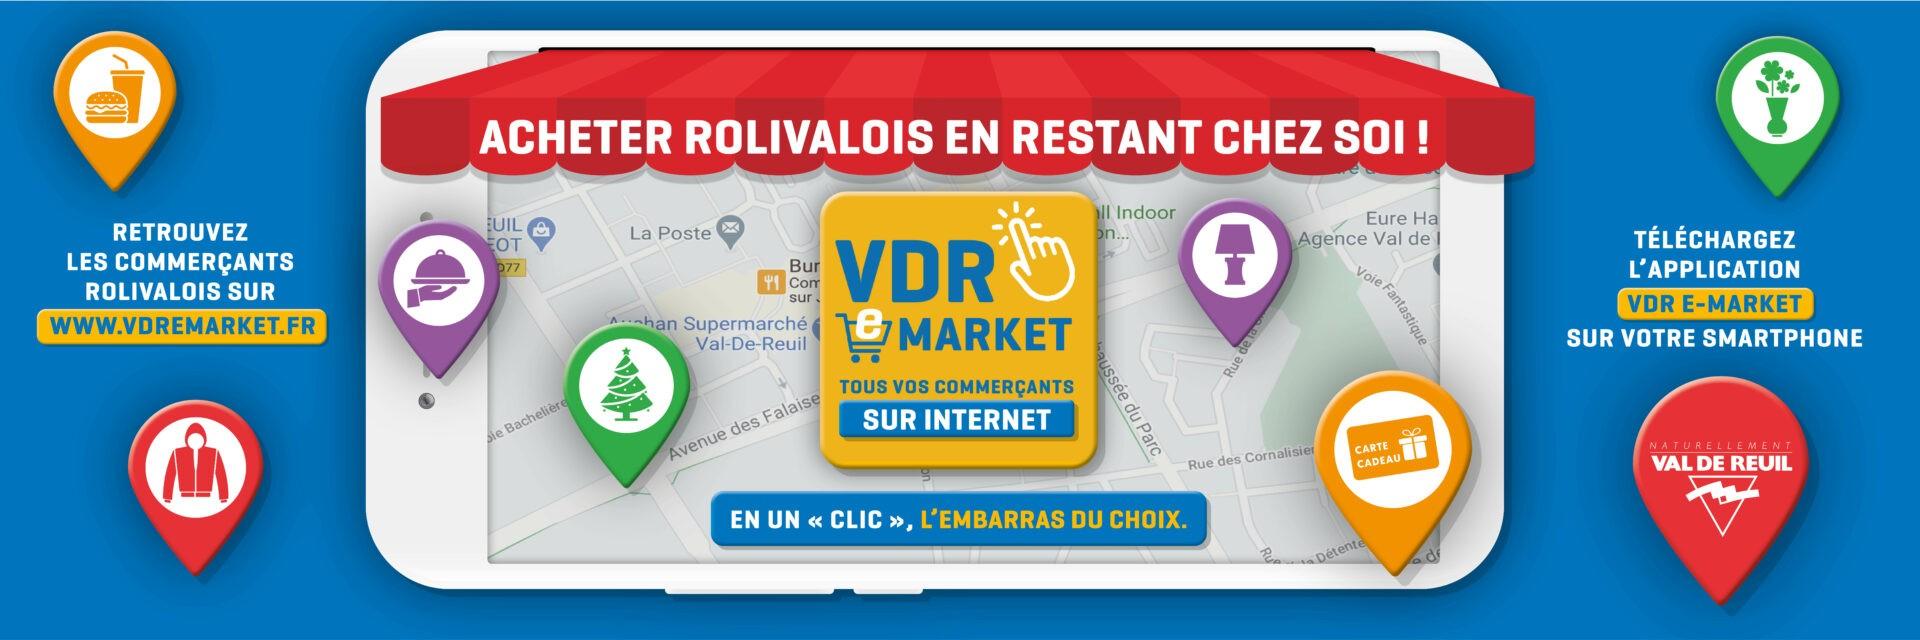 Vos commerçants rolivalois en clic et collectesur VDR e-market